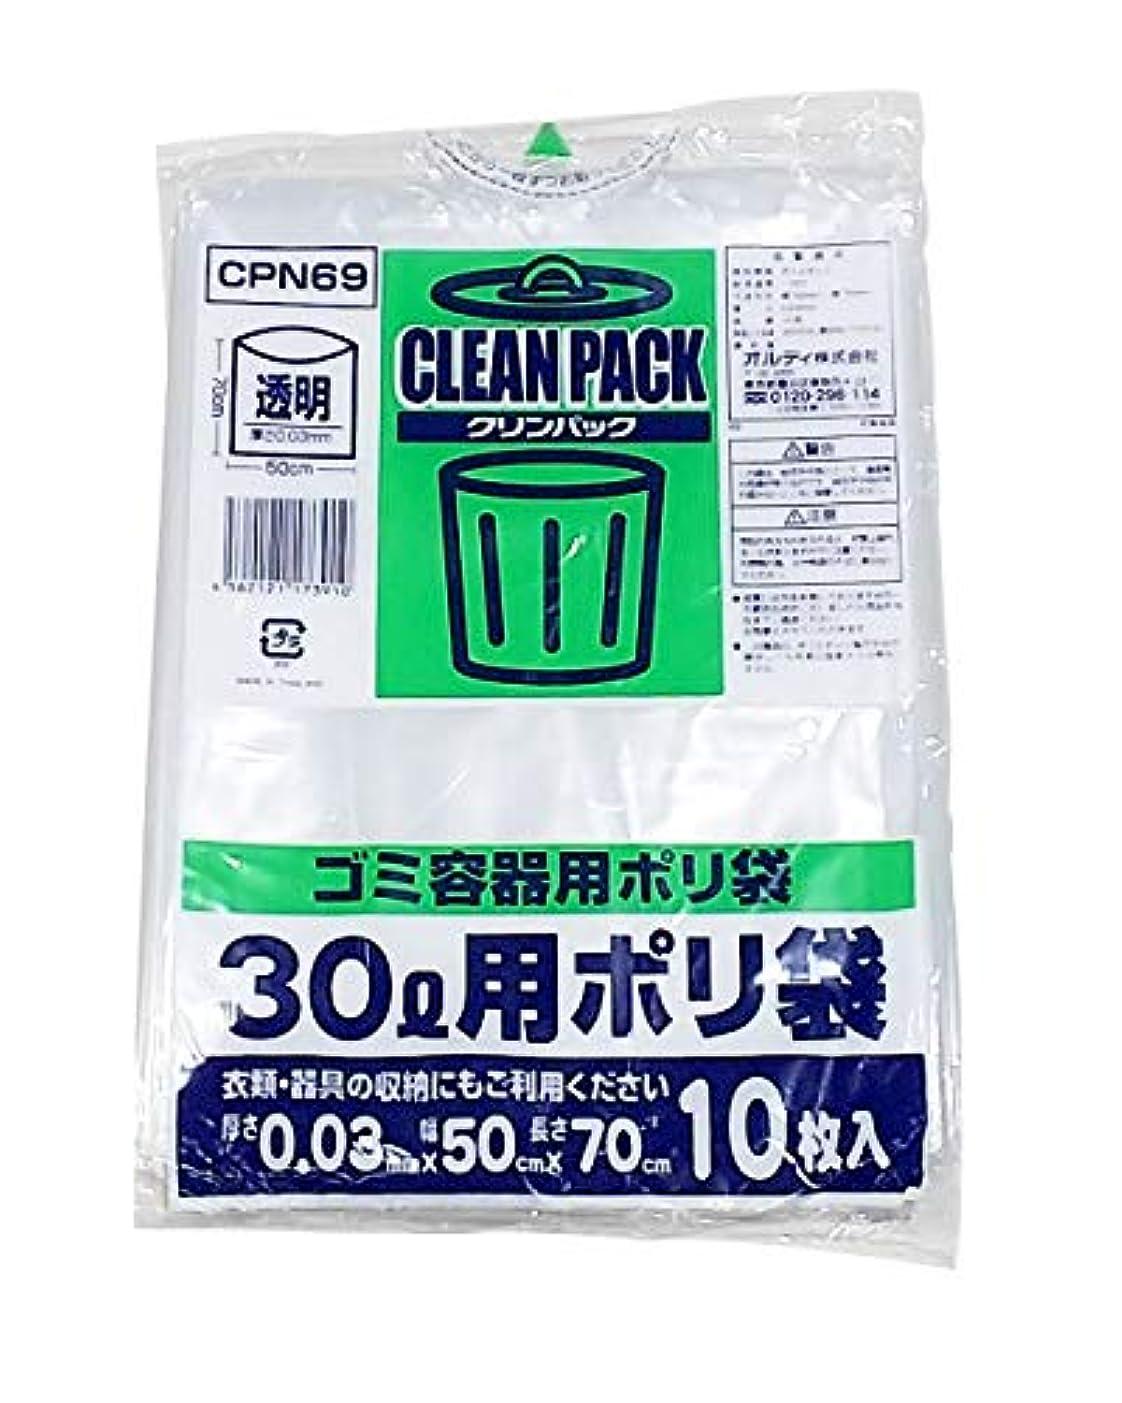 市の中心部おとなしい沼地オルディ ゴミ袋 透明 30L 厚み0.03mm クリンパック ポリ袋 CPN69 10枚入